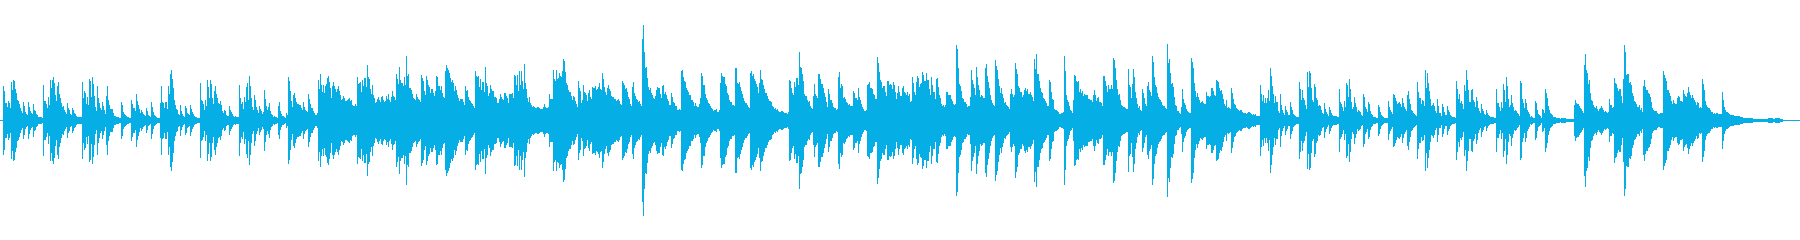 どことなく和風な感じのピアノソロ曲の再生済みの波形